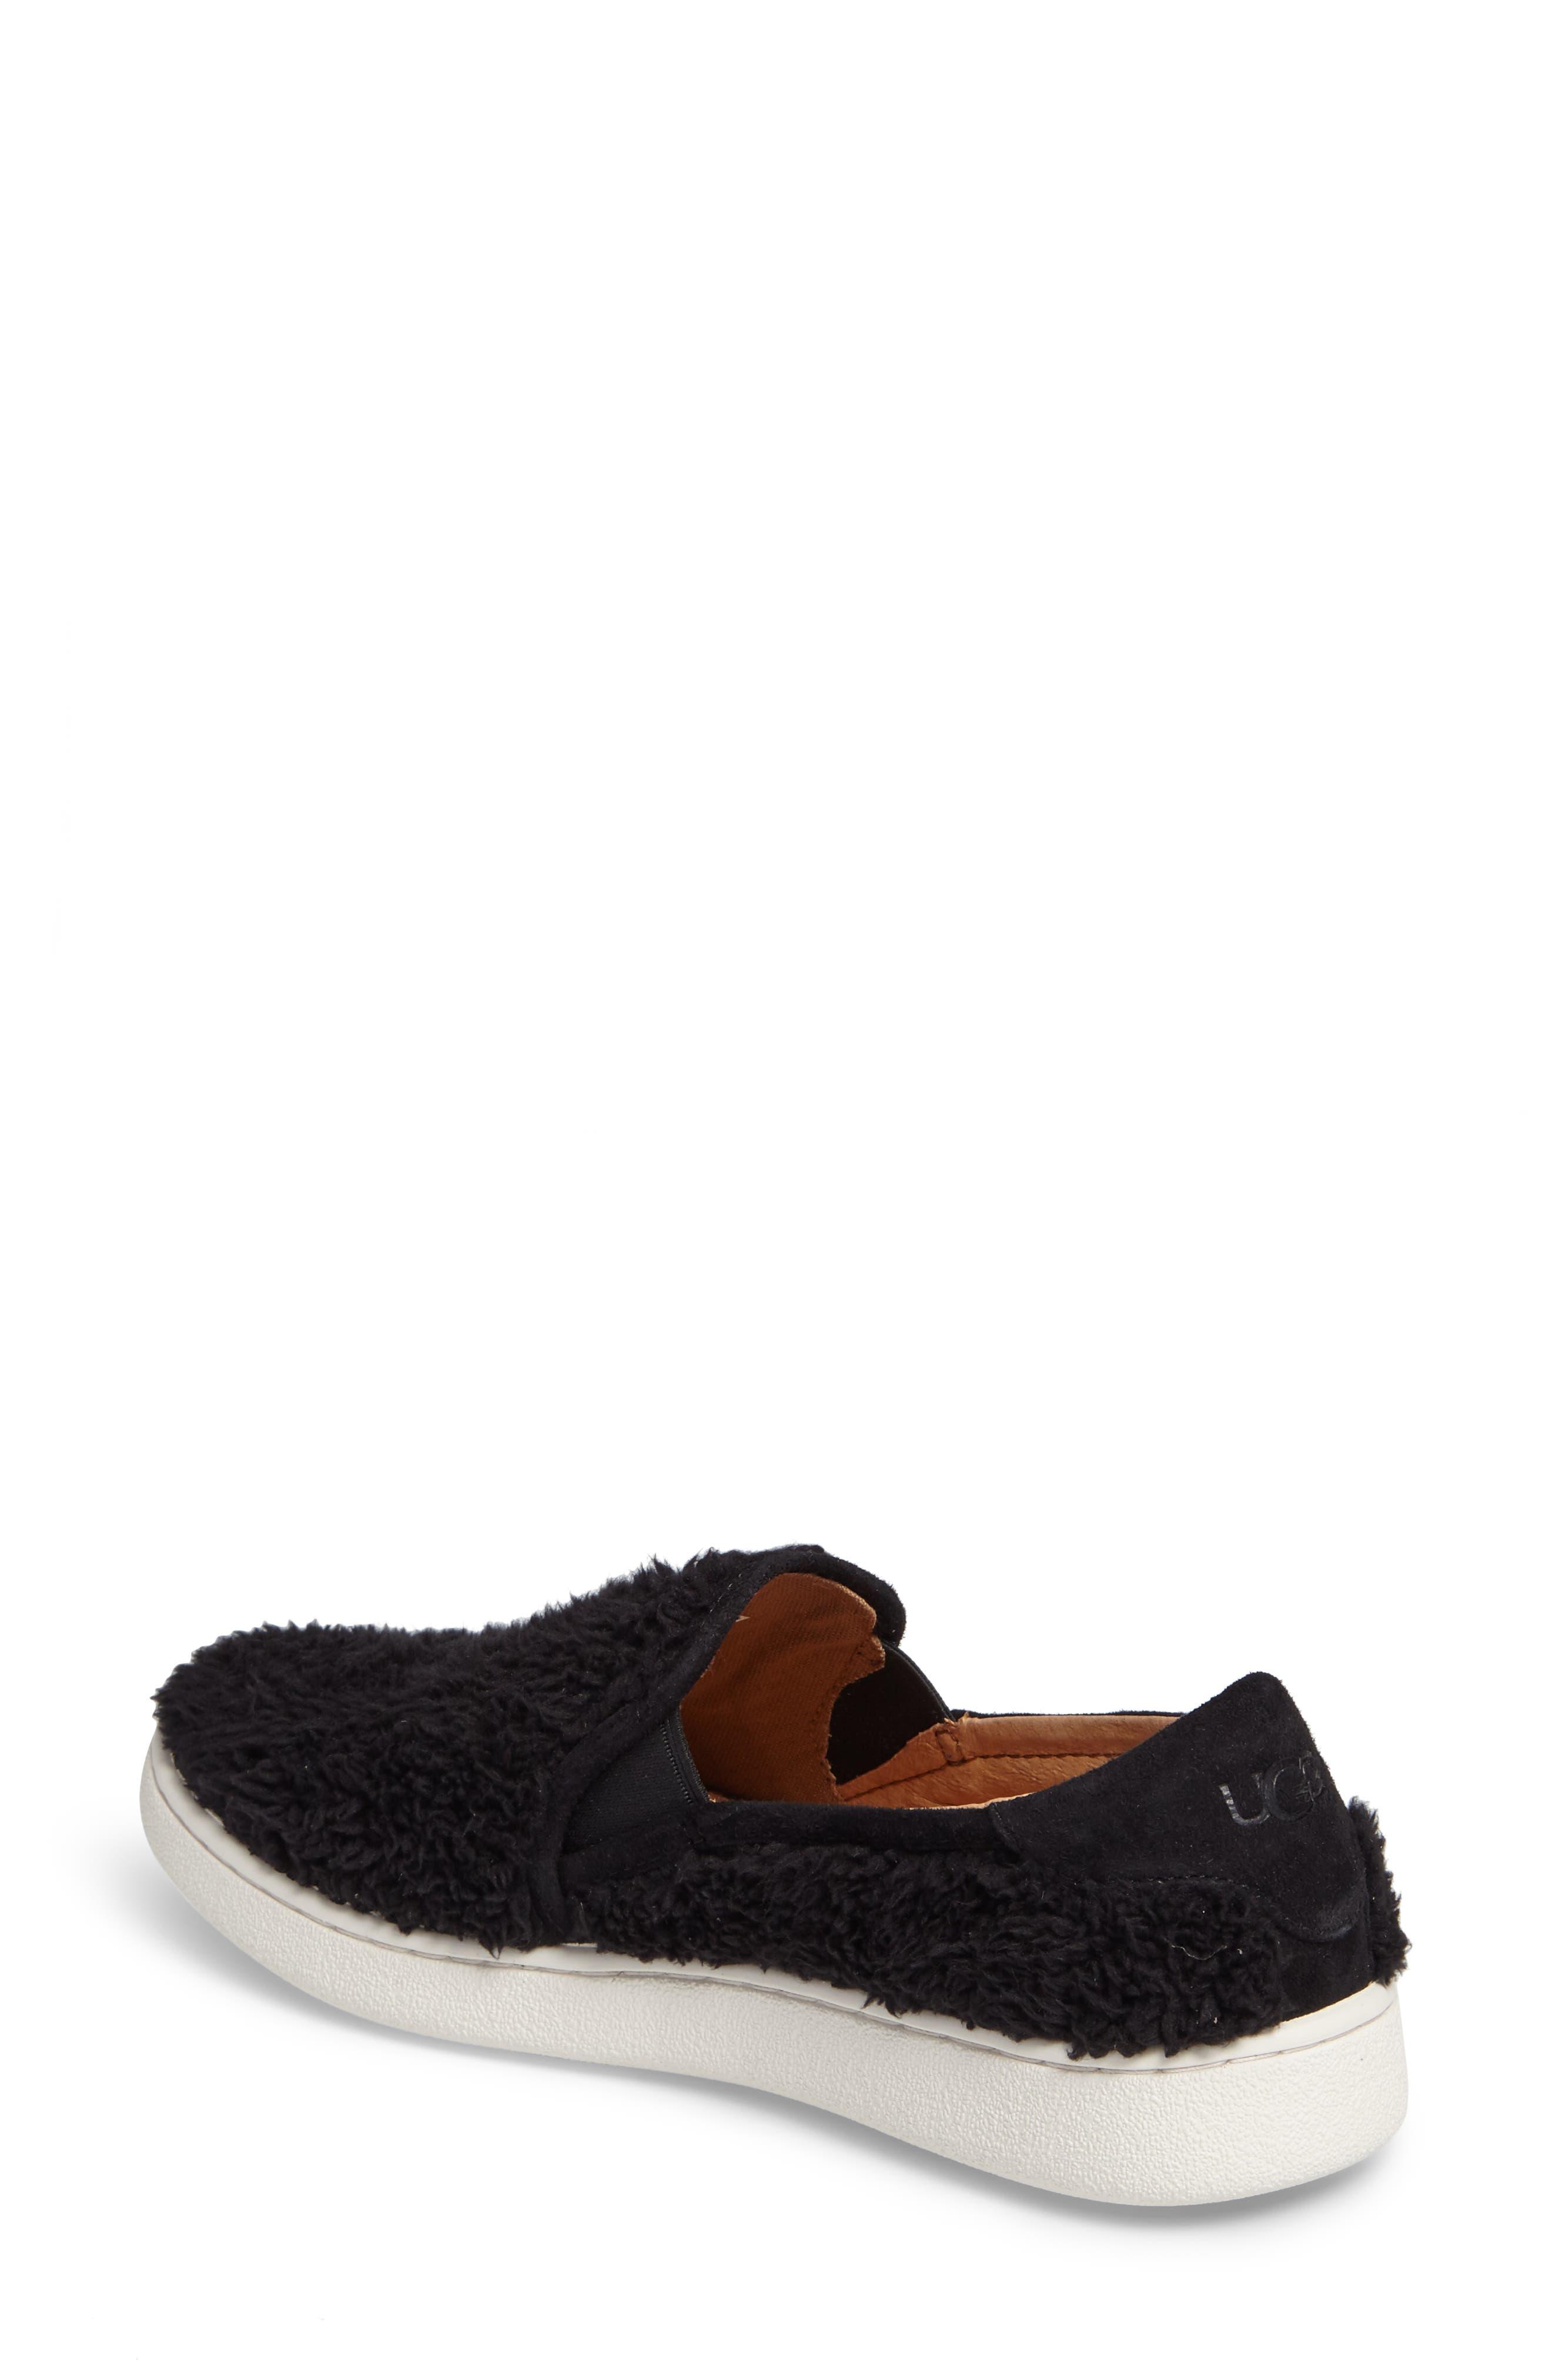 Ricci Plush Slip-On Sneaker,                             Alternate thumbnail 2, color,                             Black Fabric